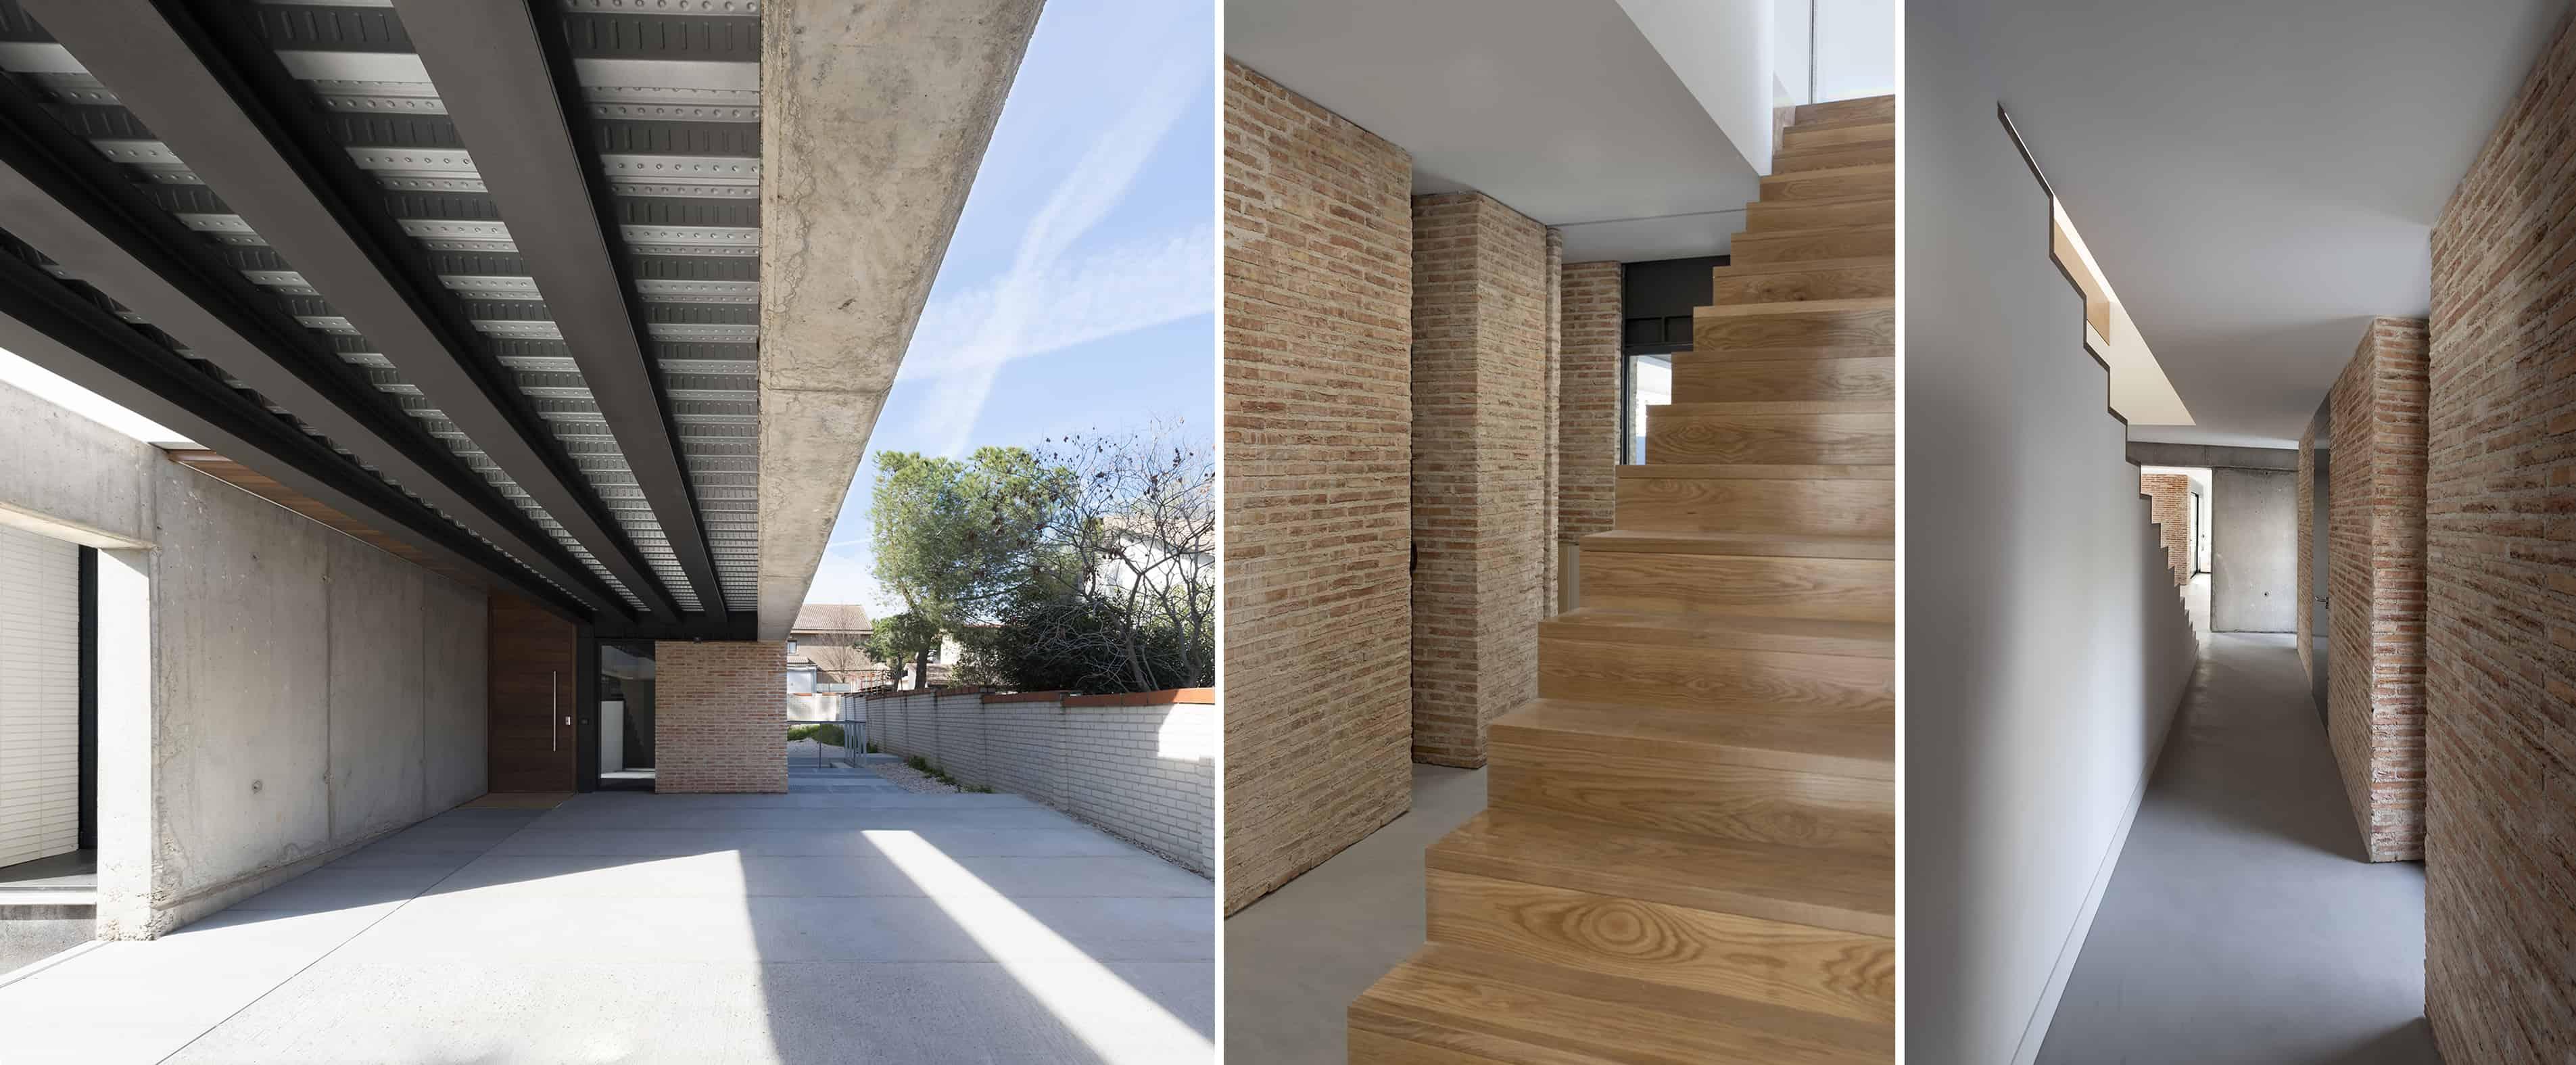 Vivienda_IA - interiorismo y acceso- LANDINEZ+REY | equipo L2G arquitectos, slp [ eL2Gaa ]